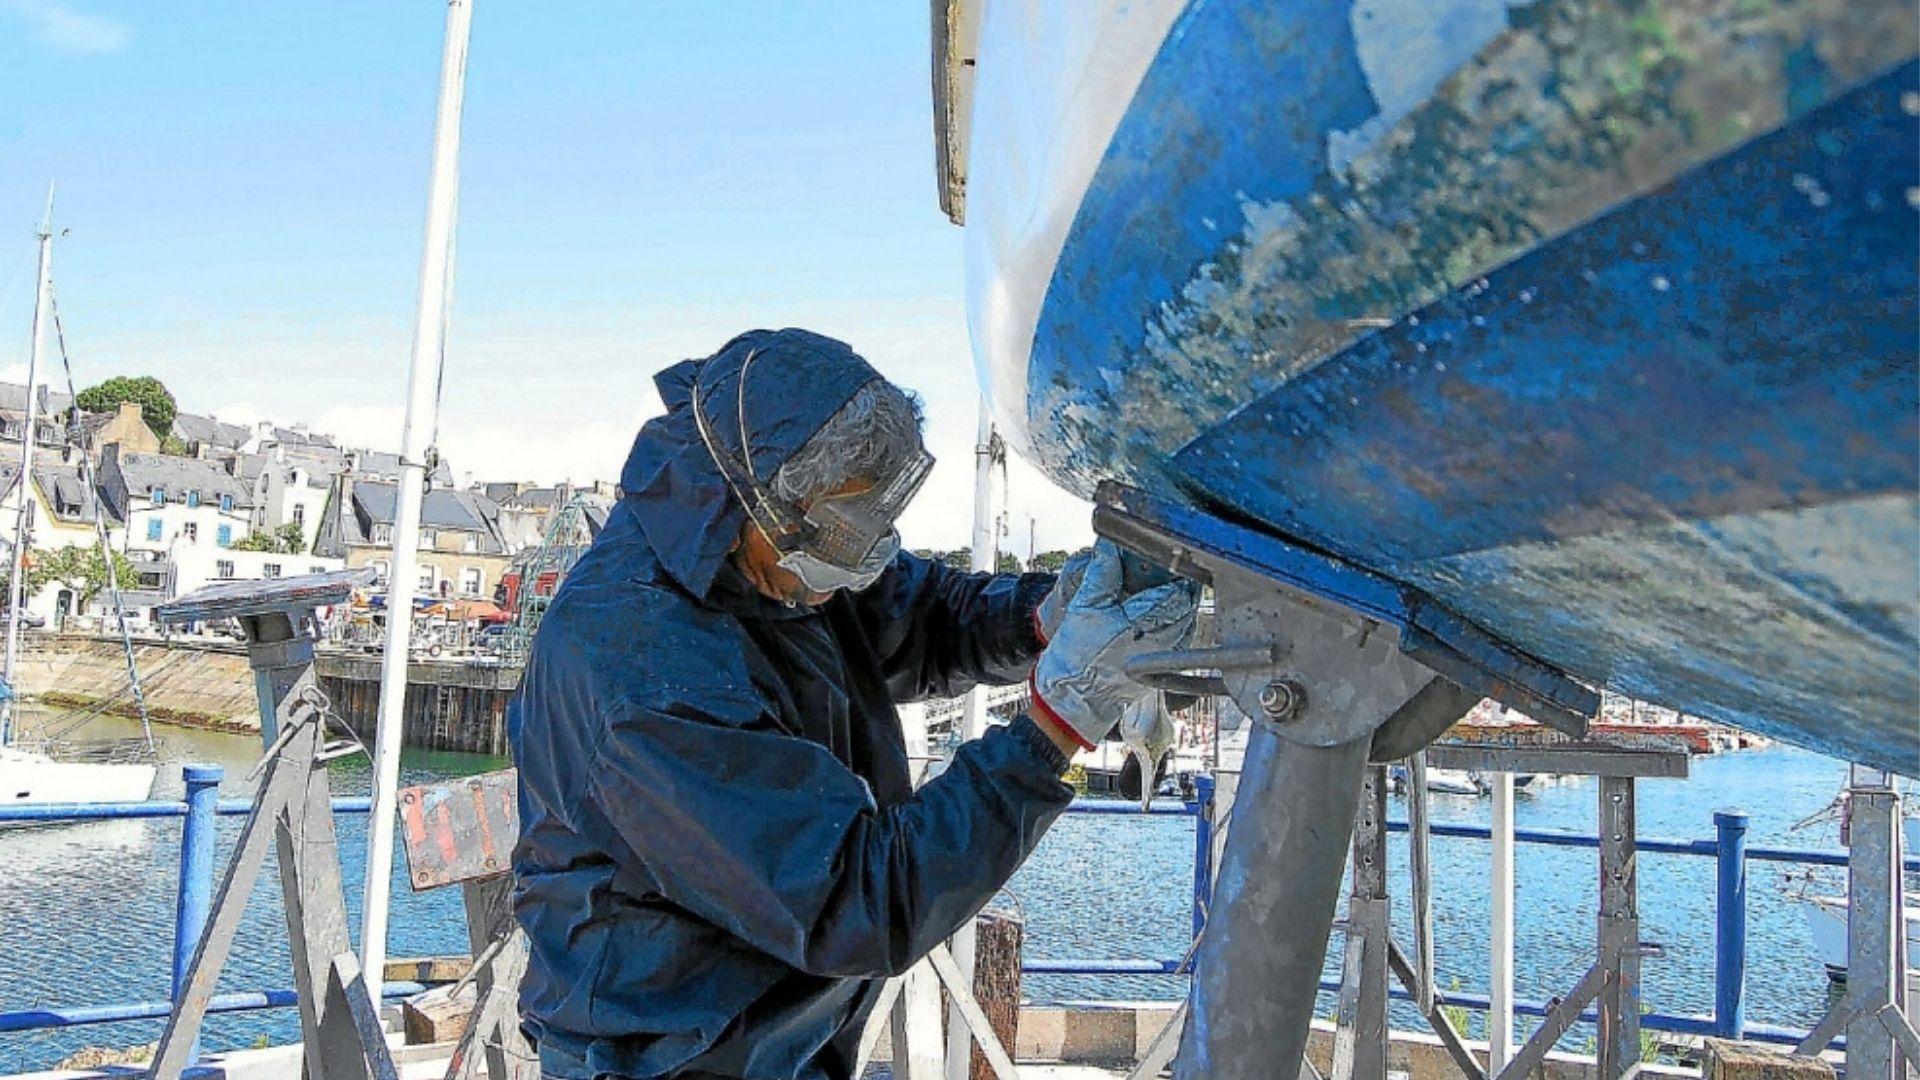 carénage bateau nautisme voilé plaisance mobilité entretien écologique écologie